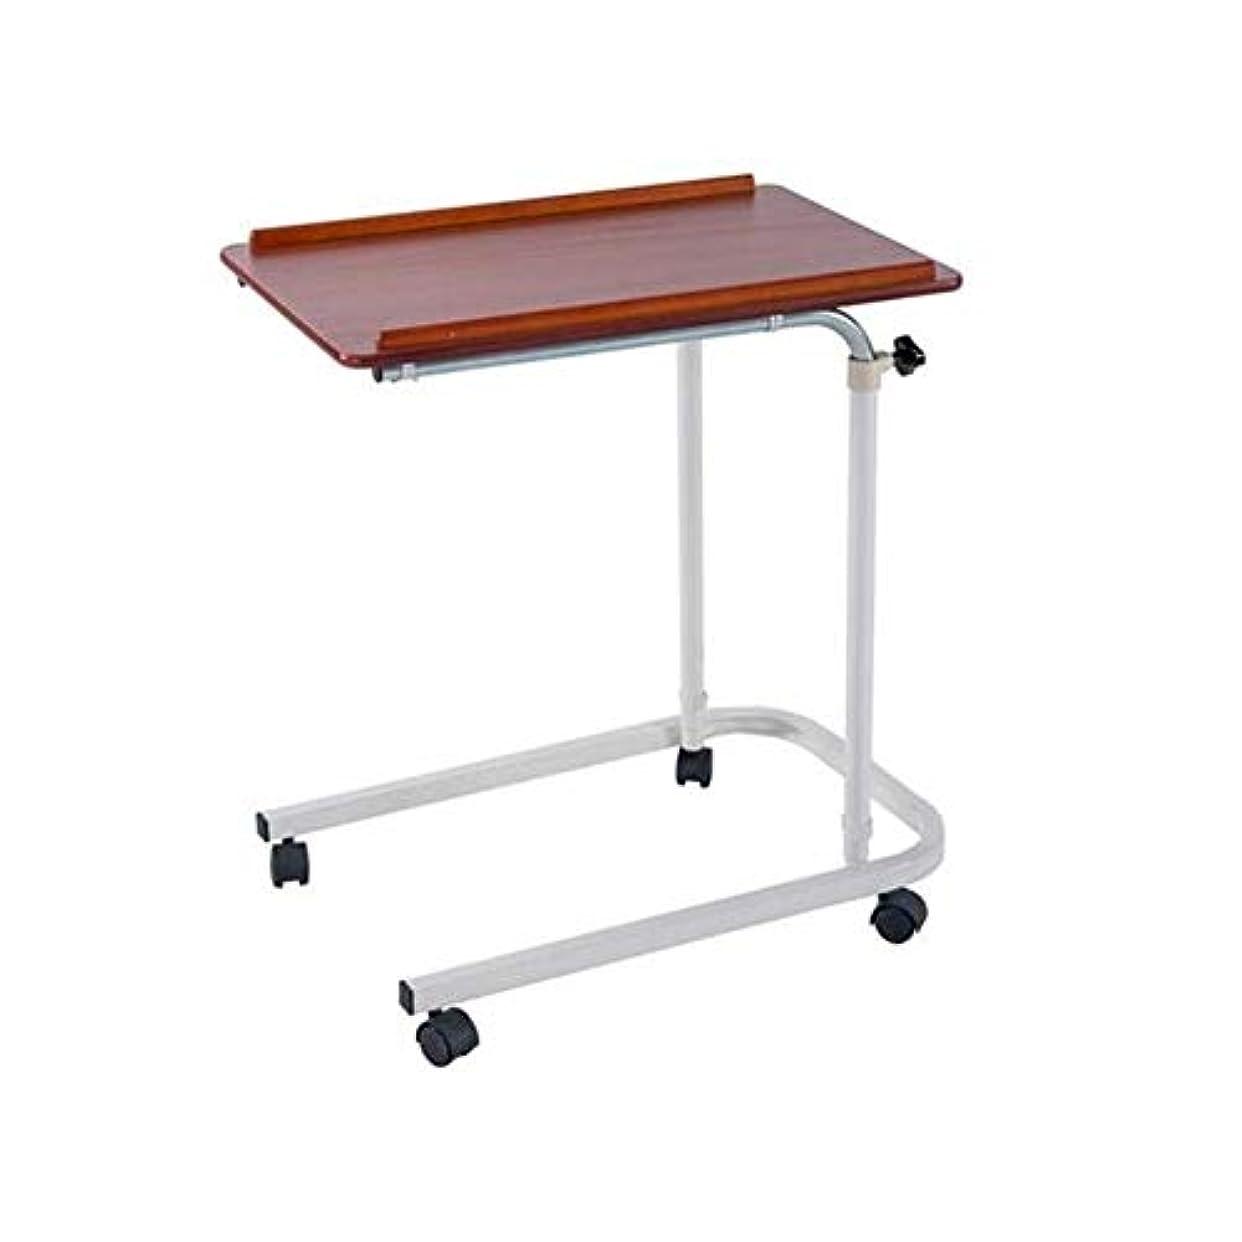 思慮のないアグネスグレイモールス信号床の持ち上がるベッドサイドテーブル、移動式ダイニングテーブルは、家族のニーズを完全に満たすために上げ下げすることができます。 HuuWisseor22